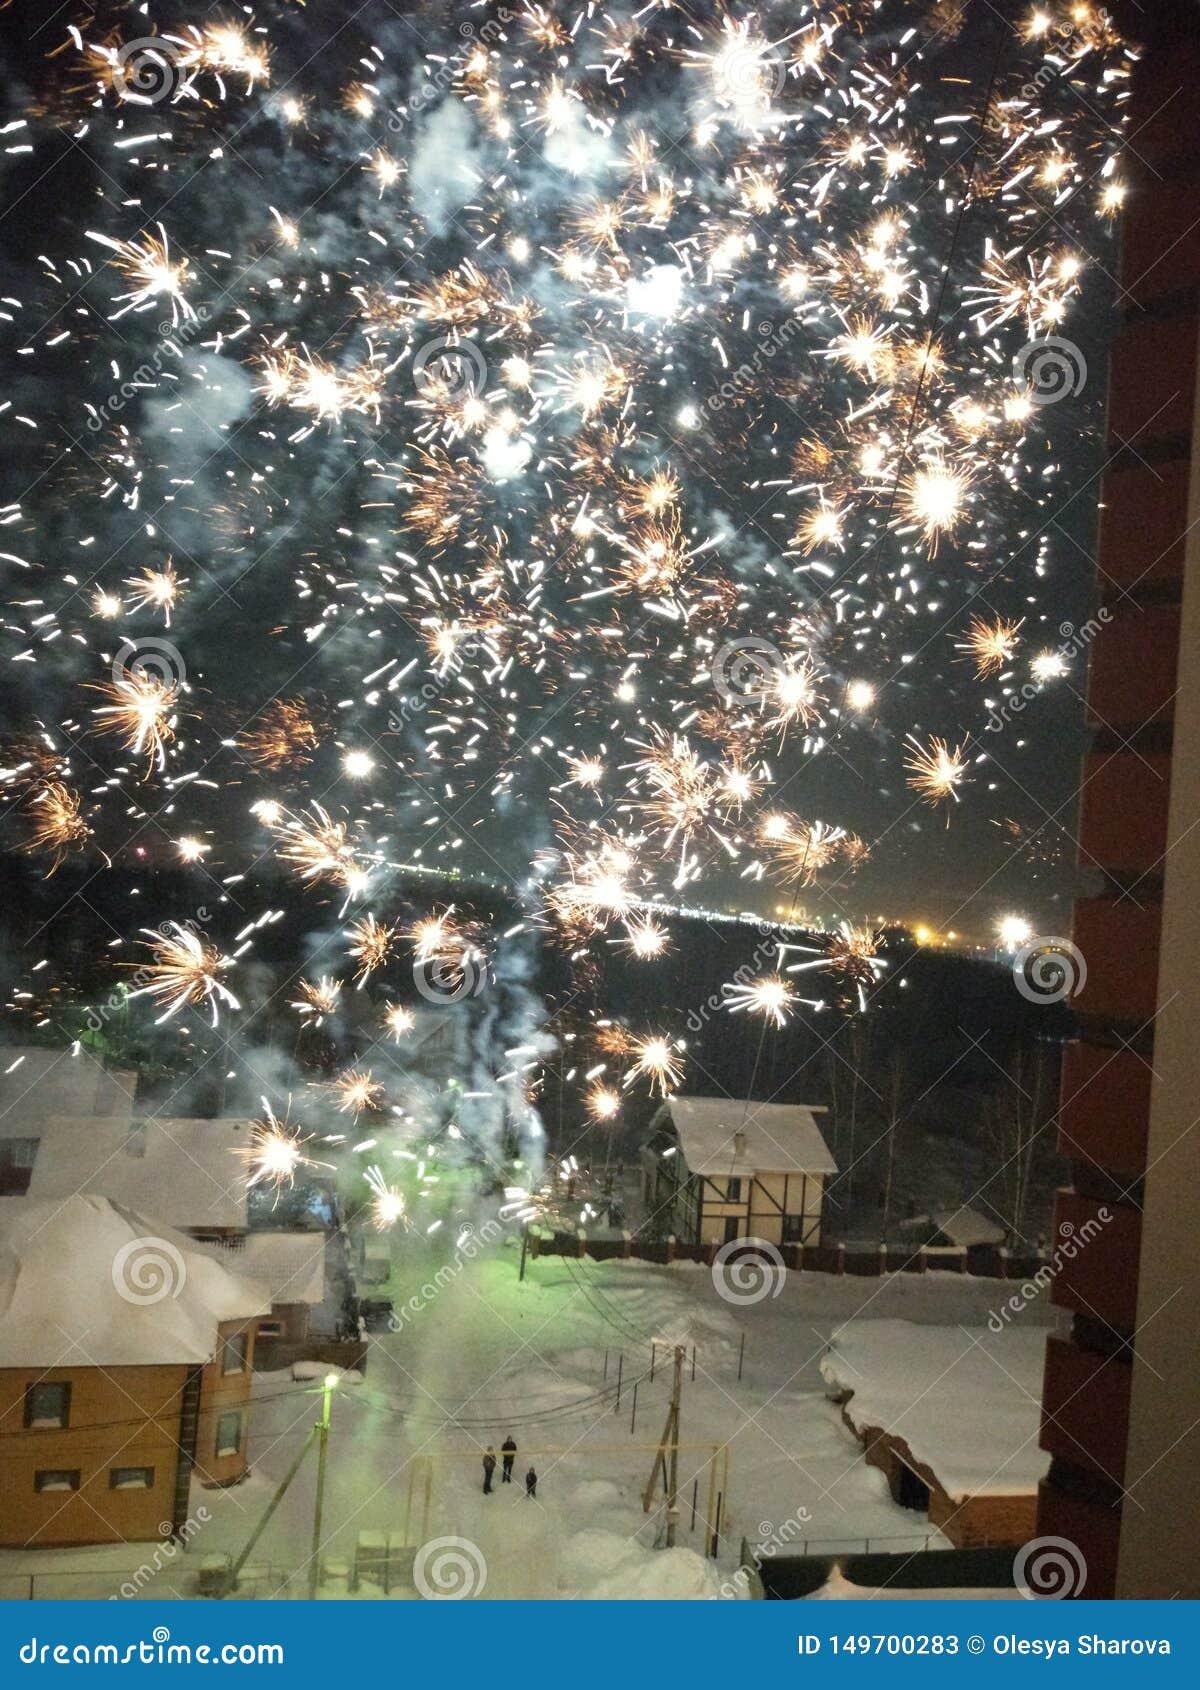 Vuurwerkuitbarstingen door het open venster op een de winternacht